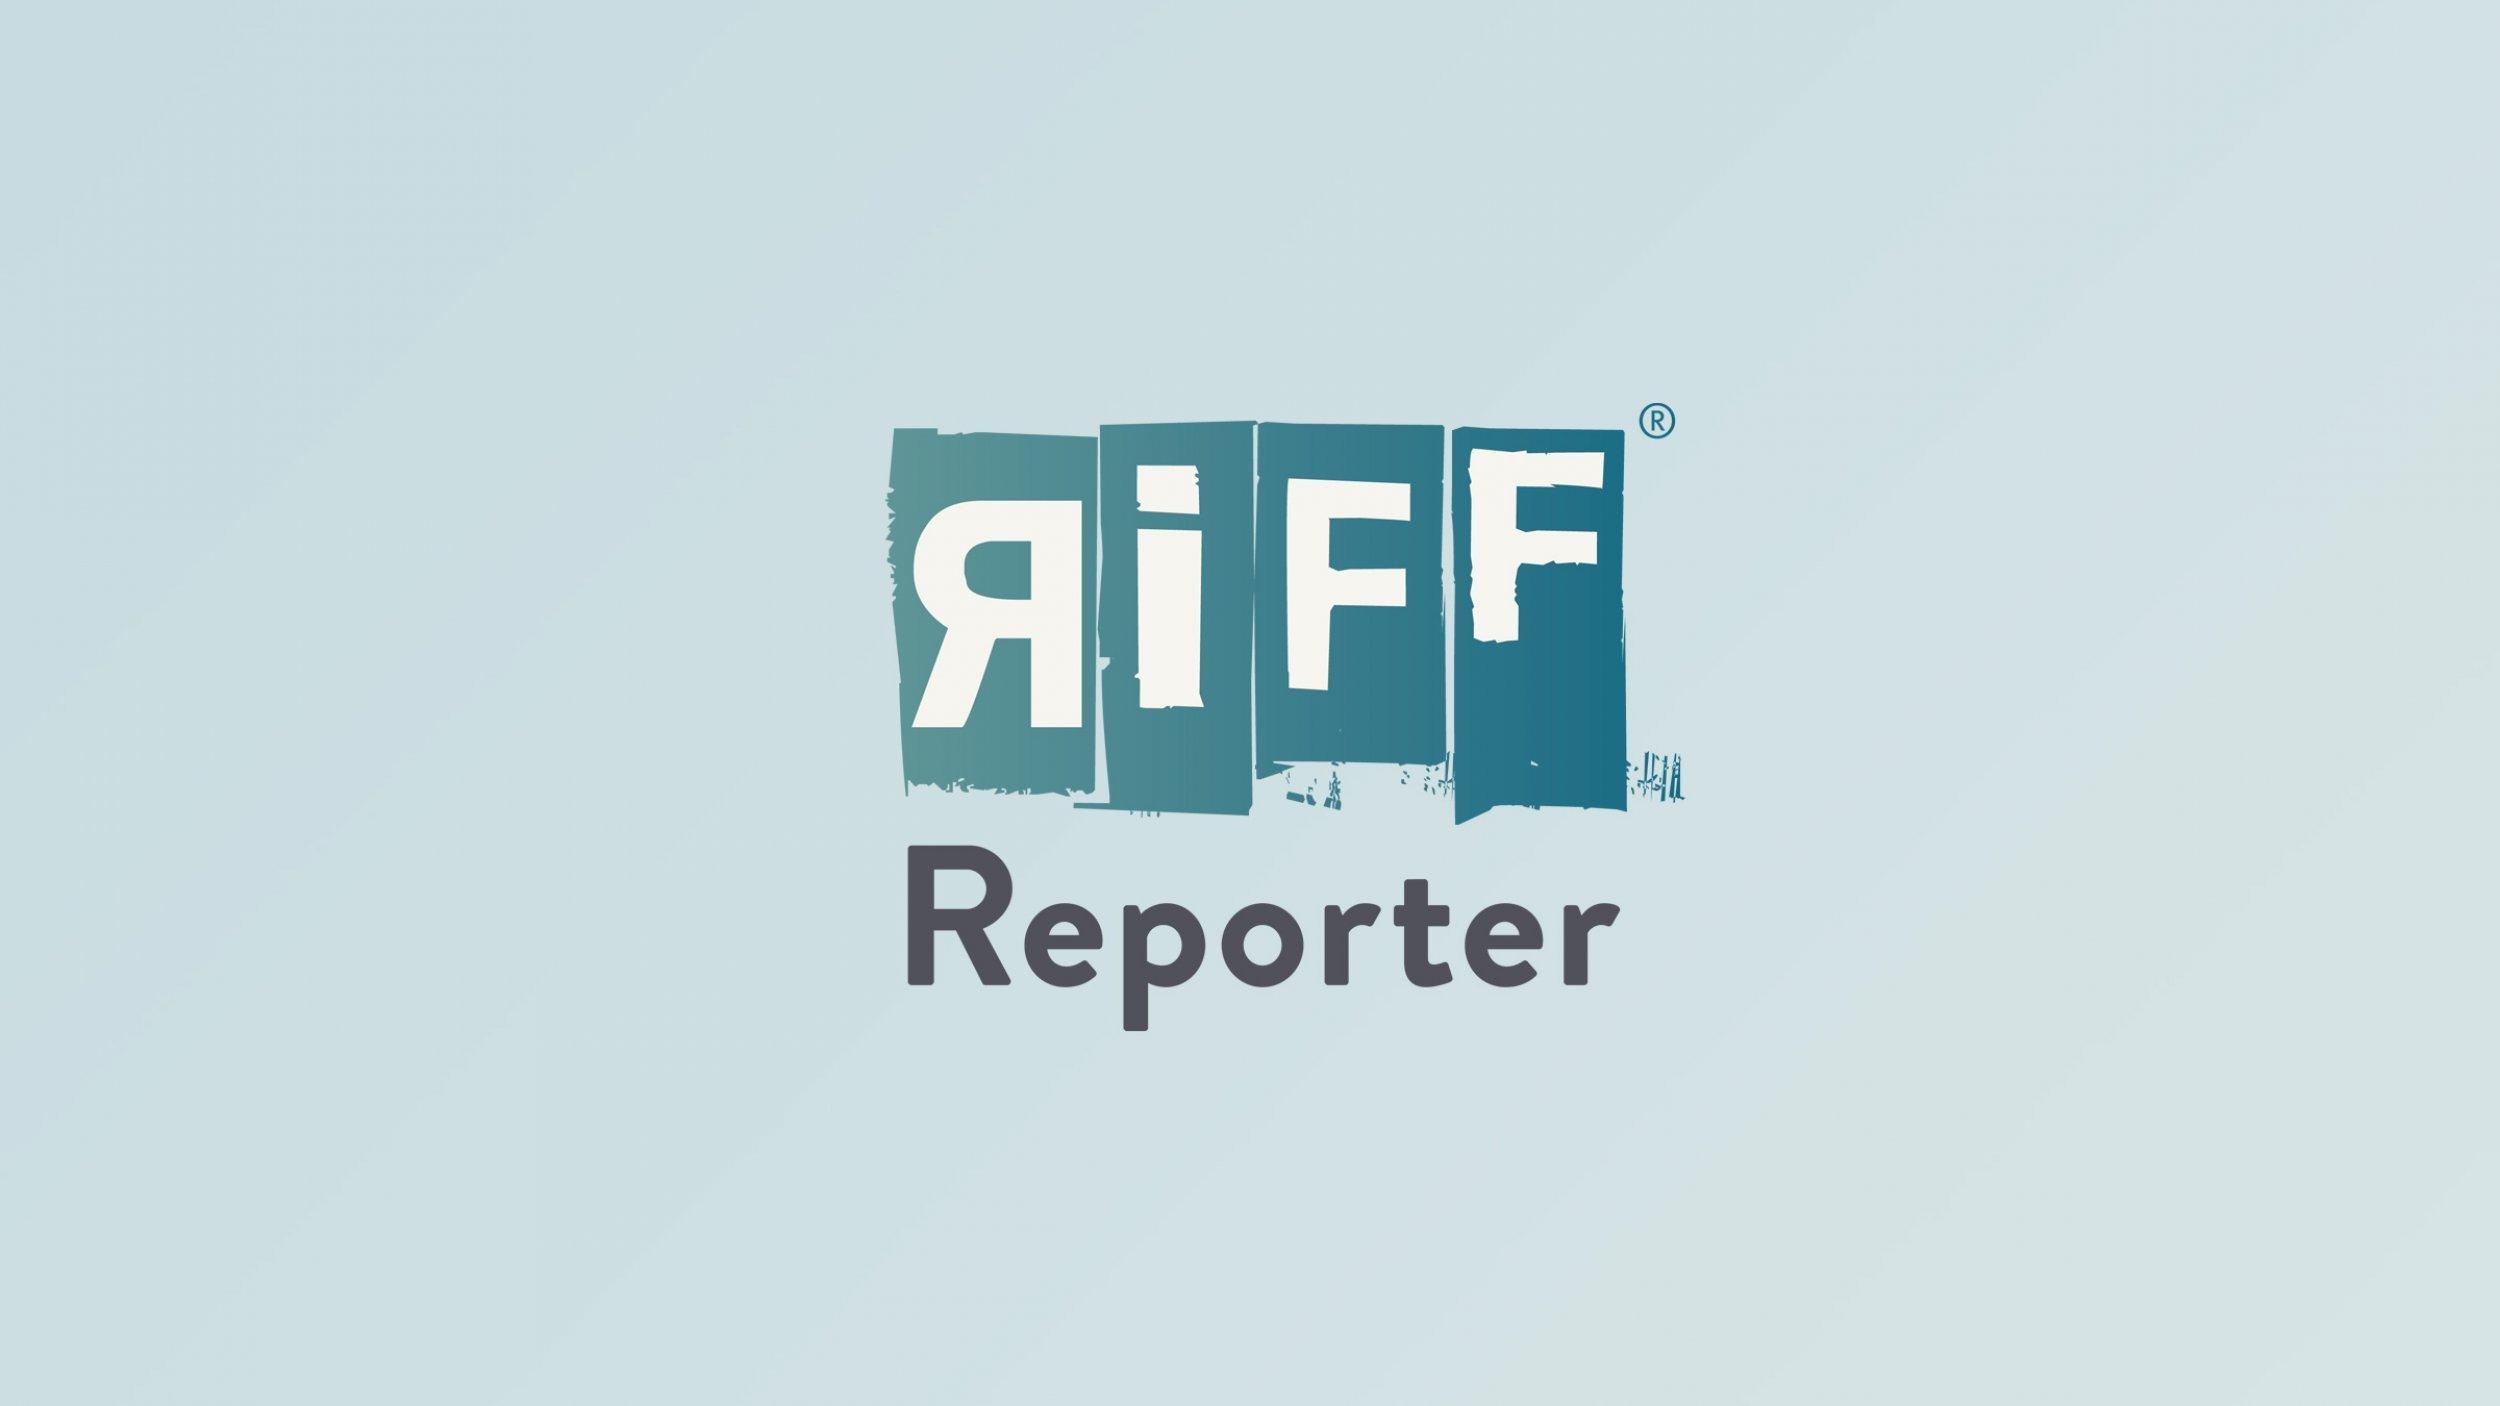 Zwei große, dunkle Ameisen zerren gemeinsam an einer kleinen, fast durchsichtigen Grille.